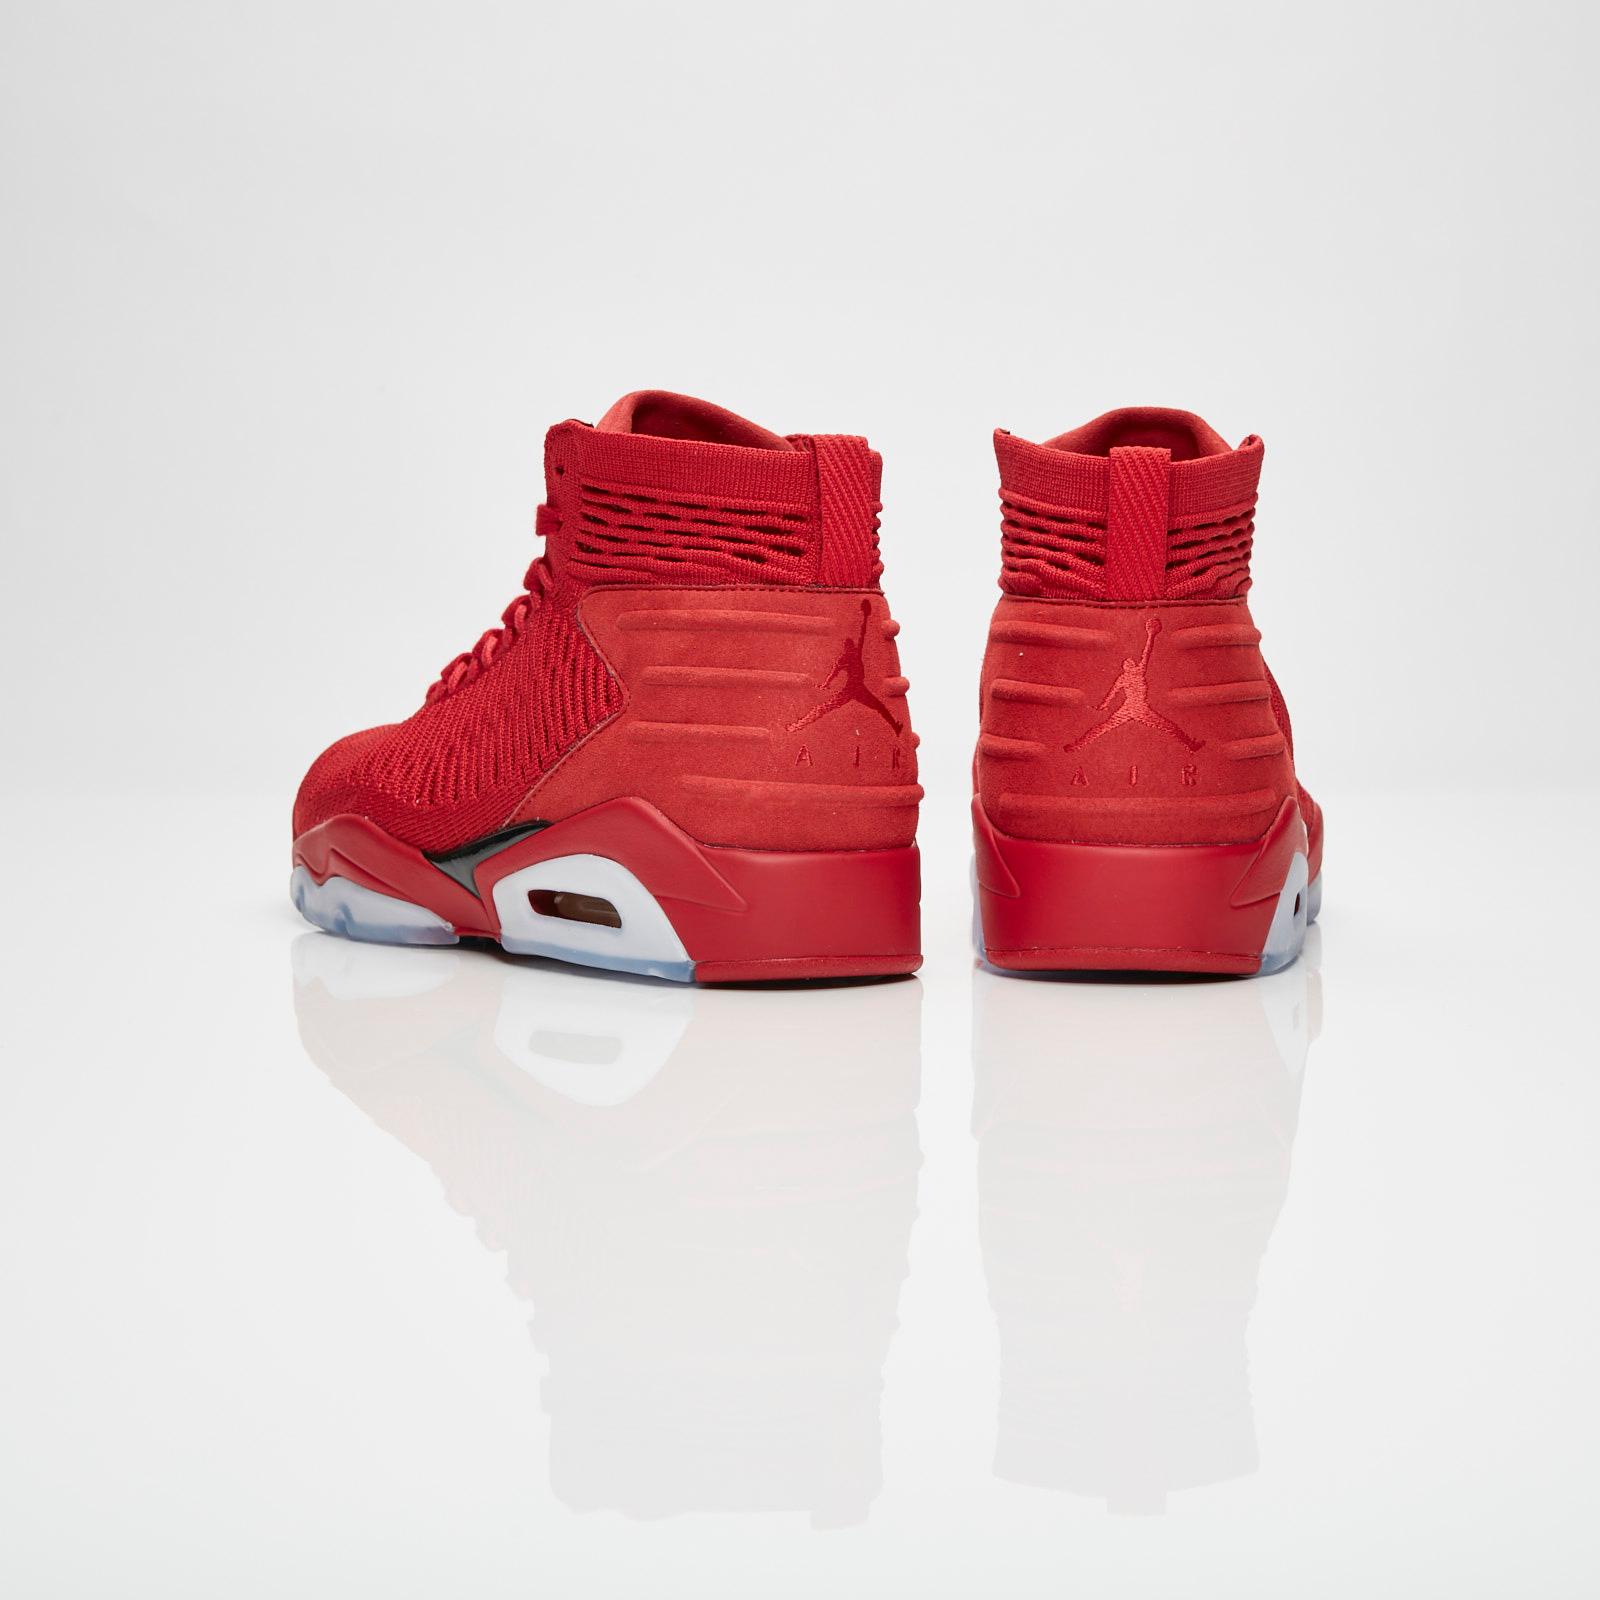 8505a9adbfe Jordan Brand Flyknit Elevation 23 - Aj8207-601 - Sneakersnstuff | sneakers  & streetwear online since 1999